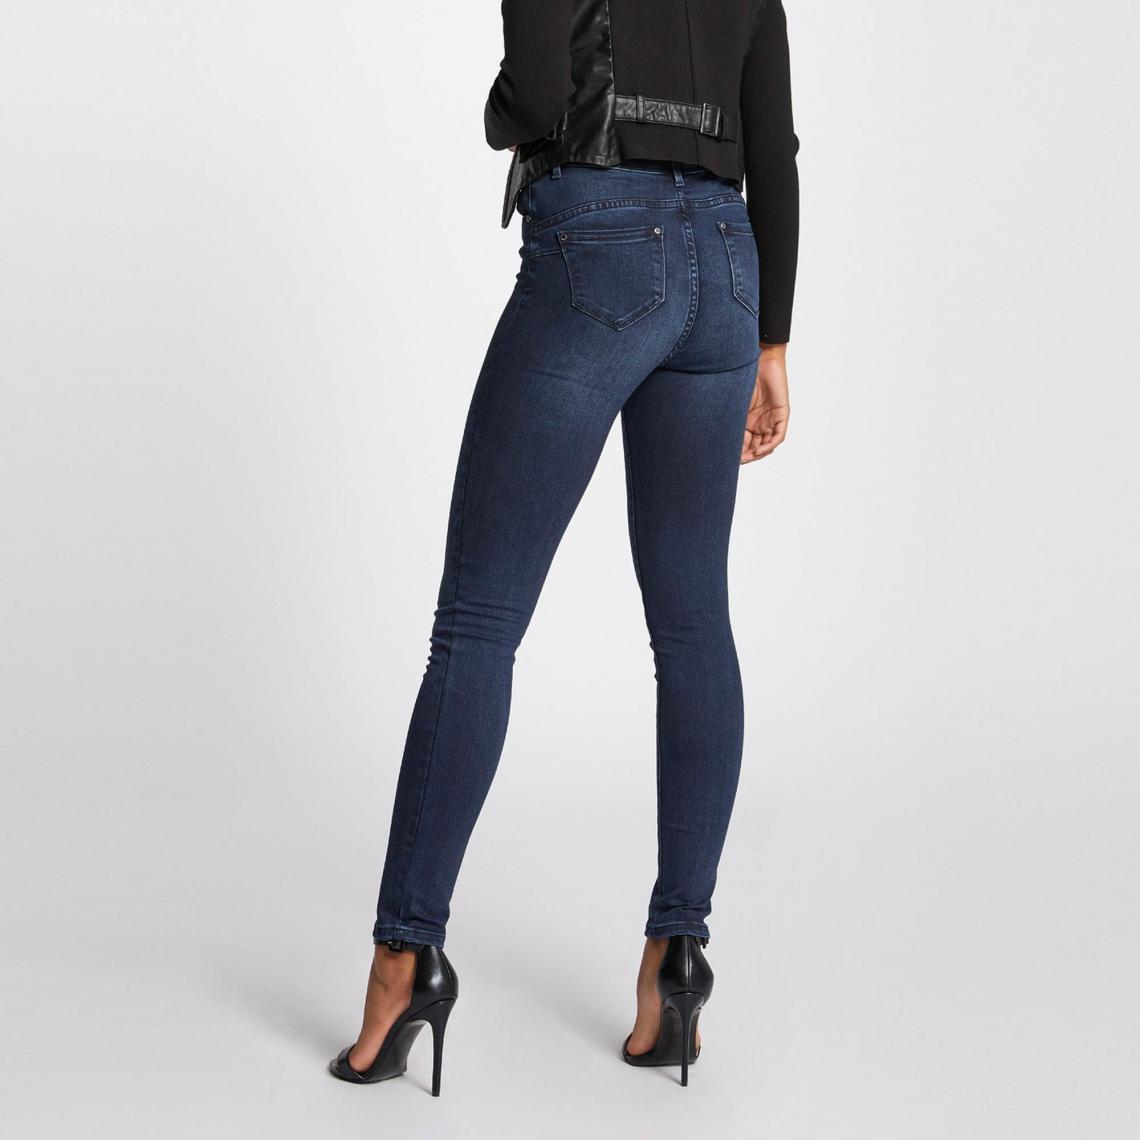 Morgan Bleu Suisses Slim Femme 78 Jean Délavé Stretch 3 Effet xTqaWYwB